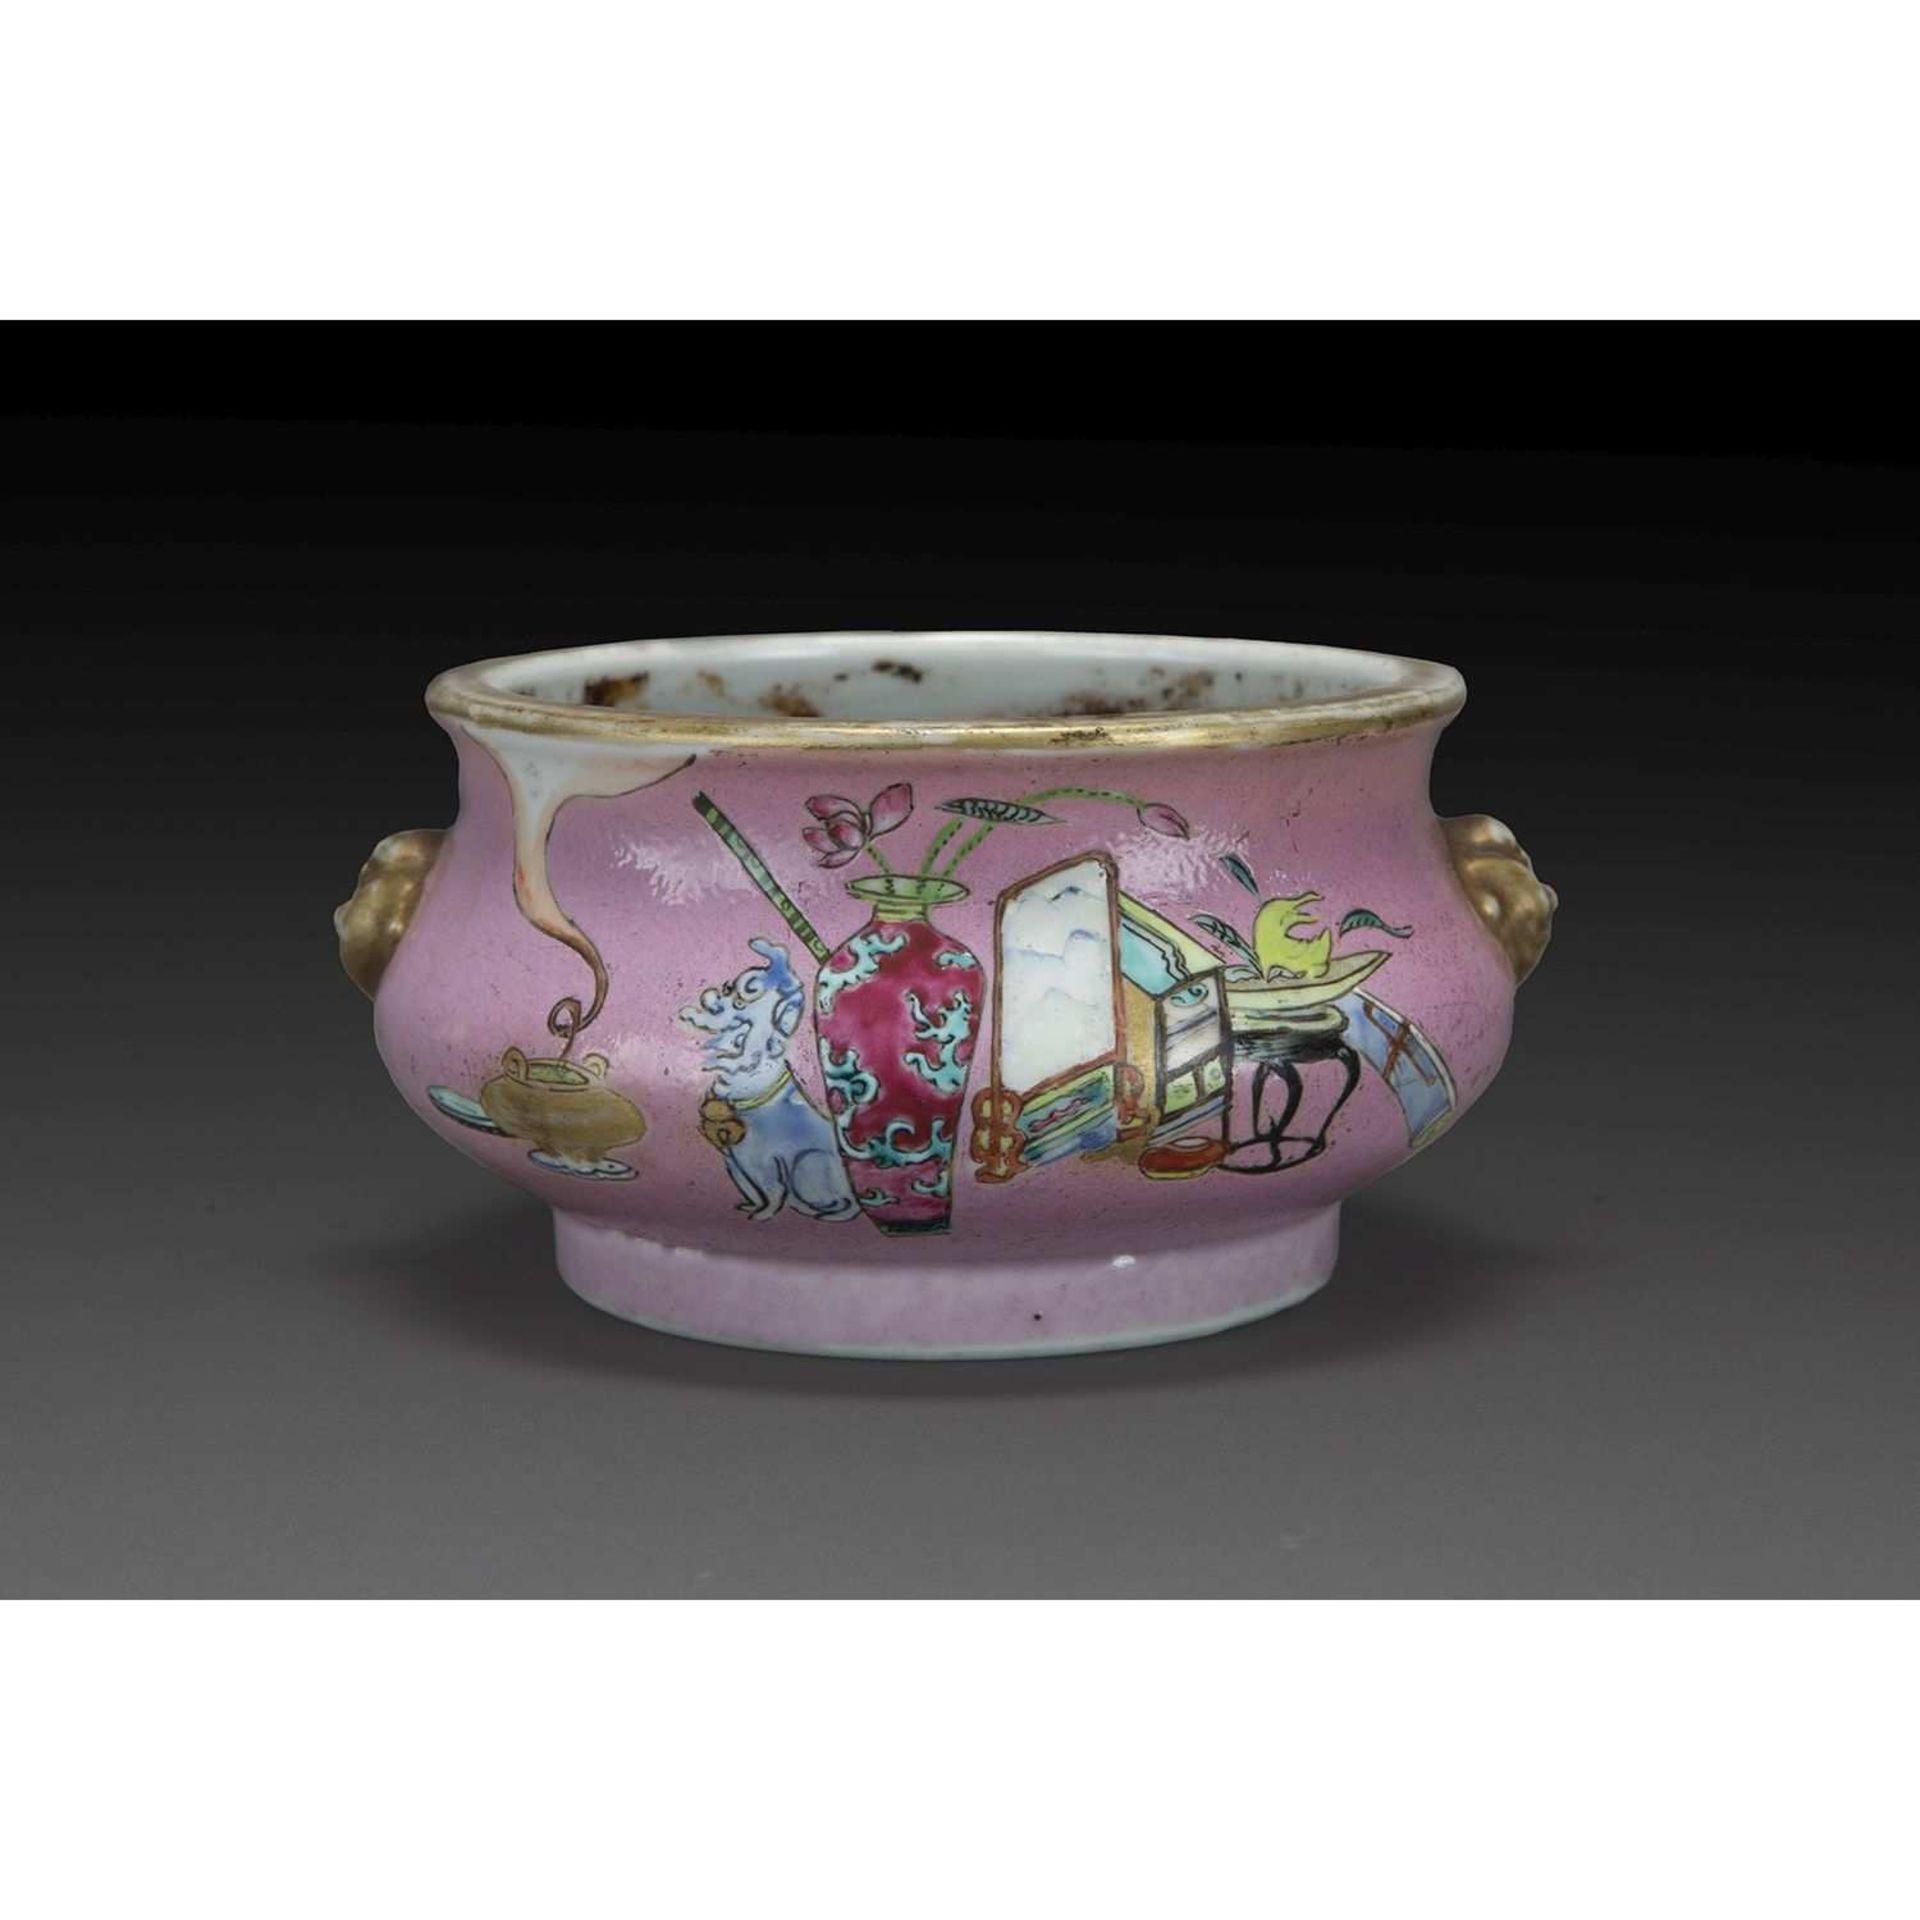 BRÛLE-PARFUM BOMBÉ en porcelaine, émaux polychromes de la famille rose et rehauts de dorure, la